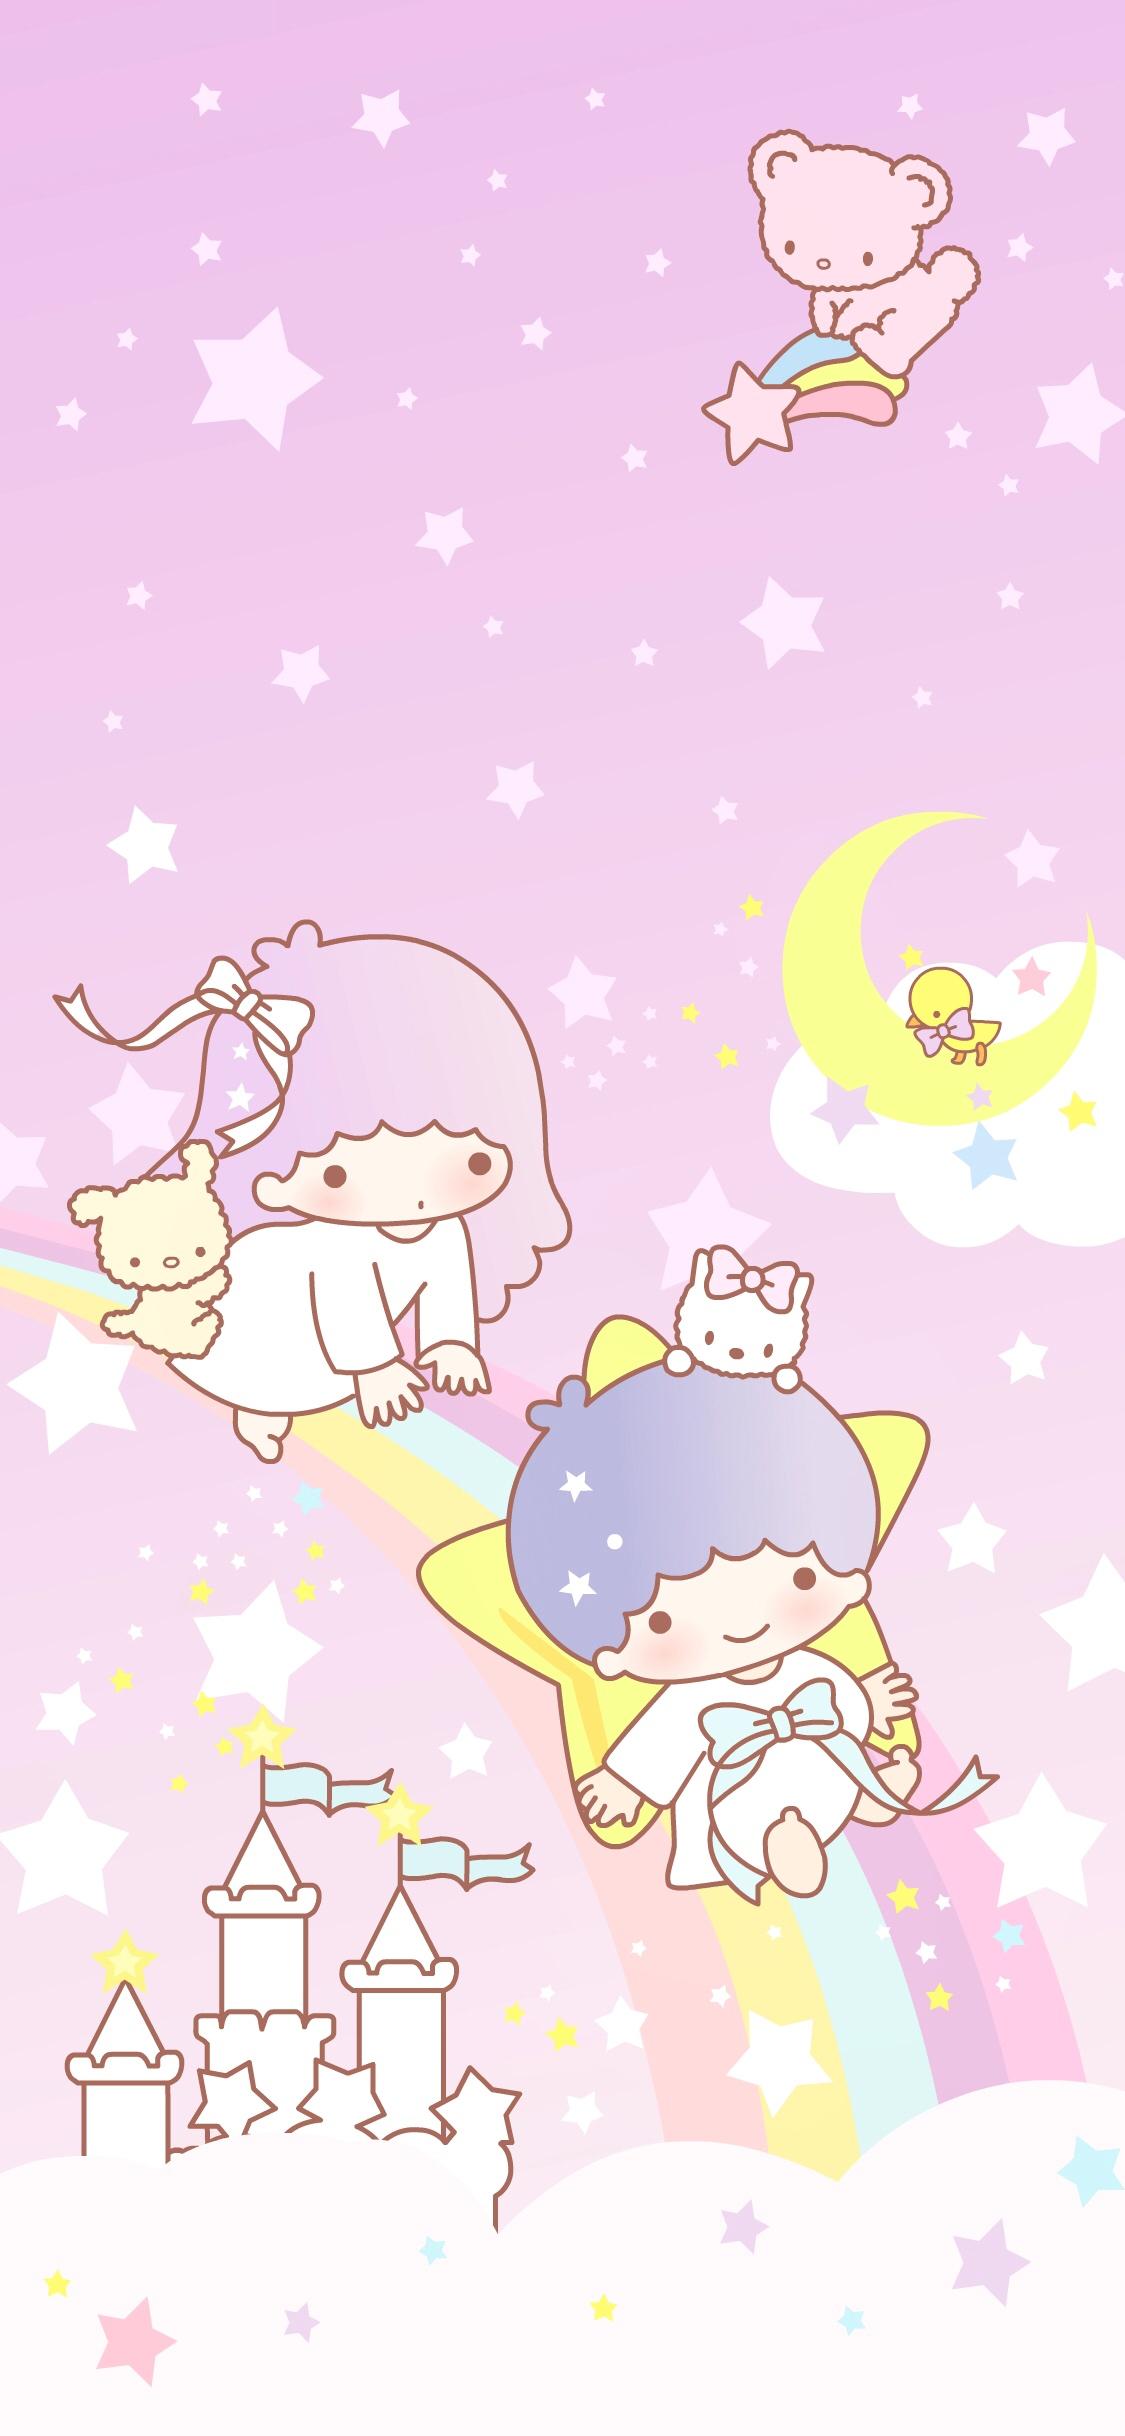 双子星卡通粉色彩虹城堡星星苹果手机高清壁纸1125x2436 爱思助手